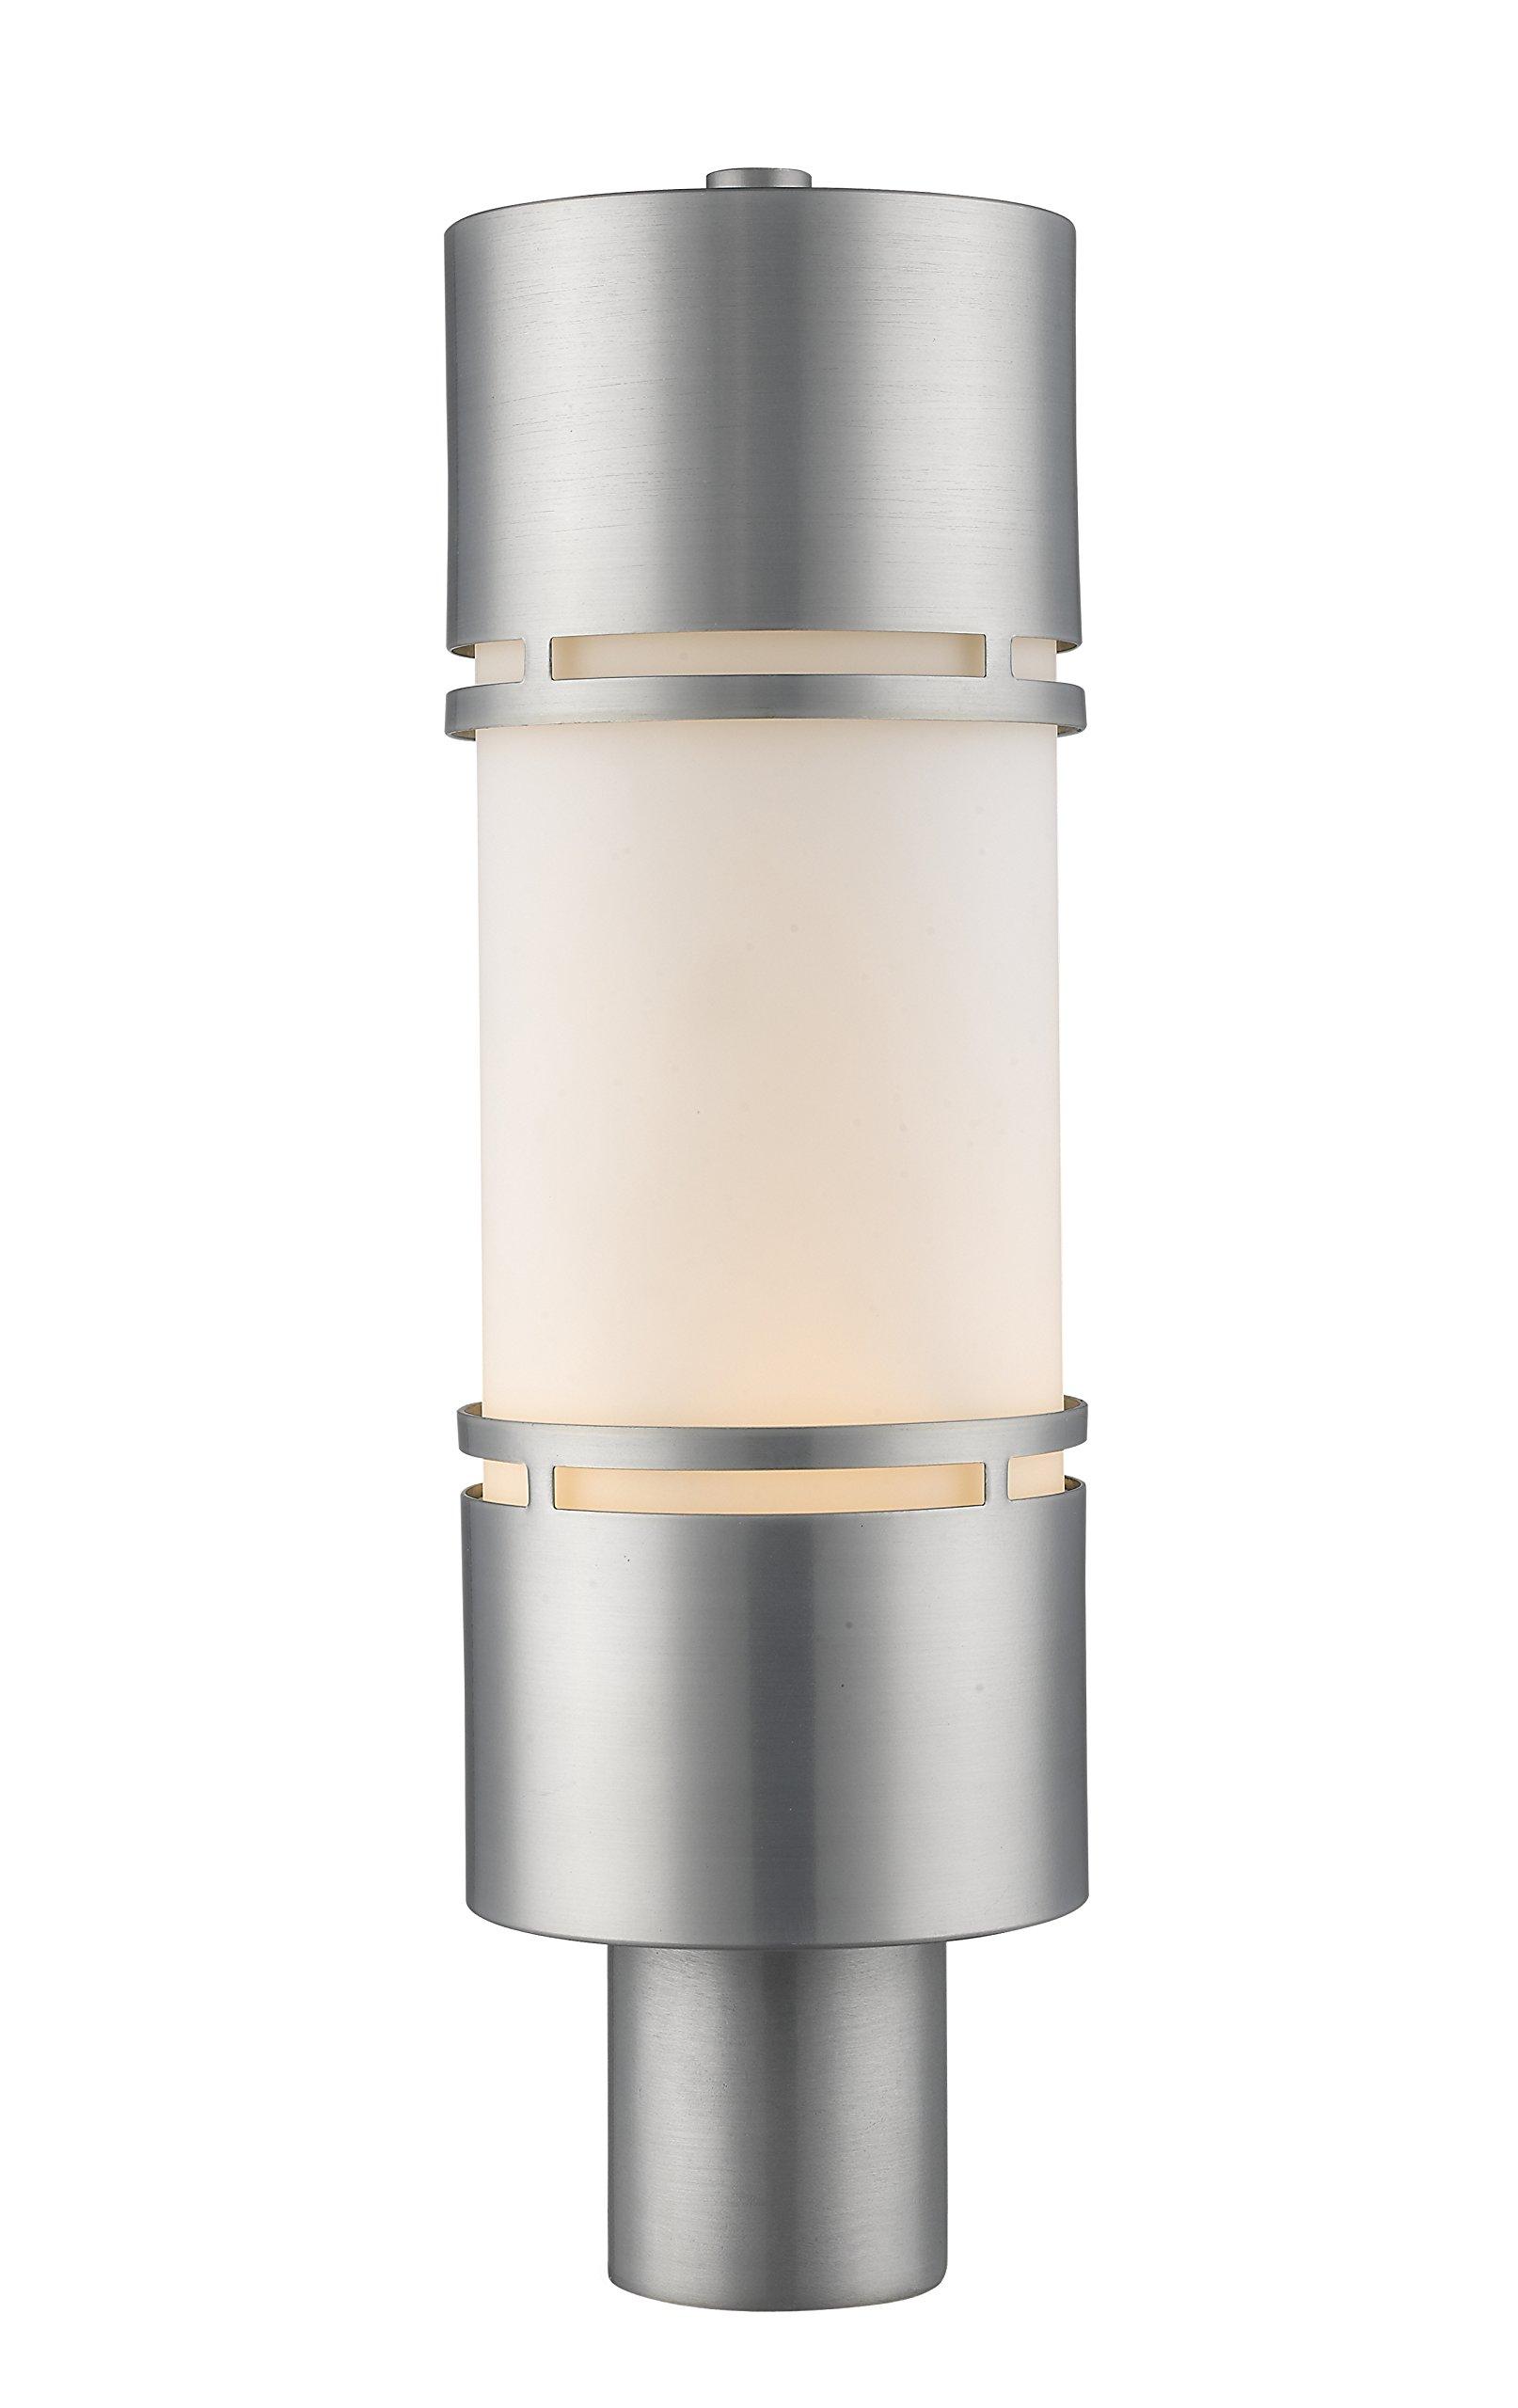 Z-Lite 560PHB-BA-LED Outdoor LED Post Mount Light by Z-Lite